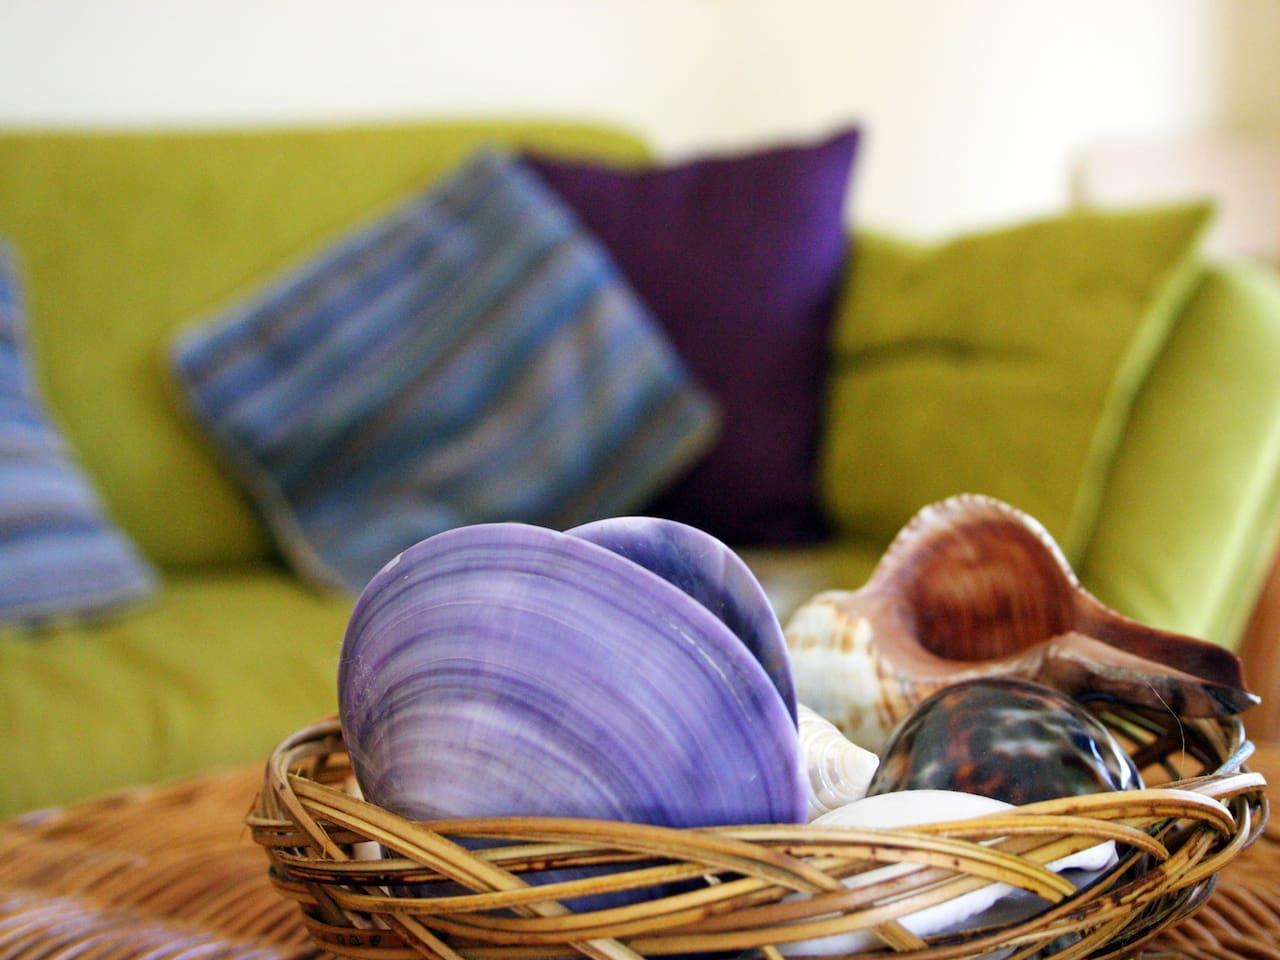 Casa Nereidi è una casa vacanza confortevole e ben arredata, che ci piace condividere ///// Casa Nereidi is a comfortable and well-appointed holiday home, which we like to share